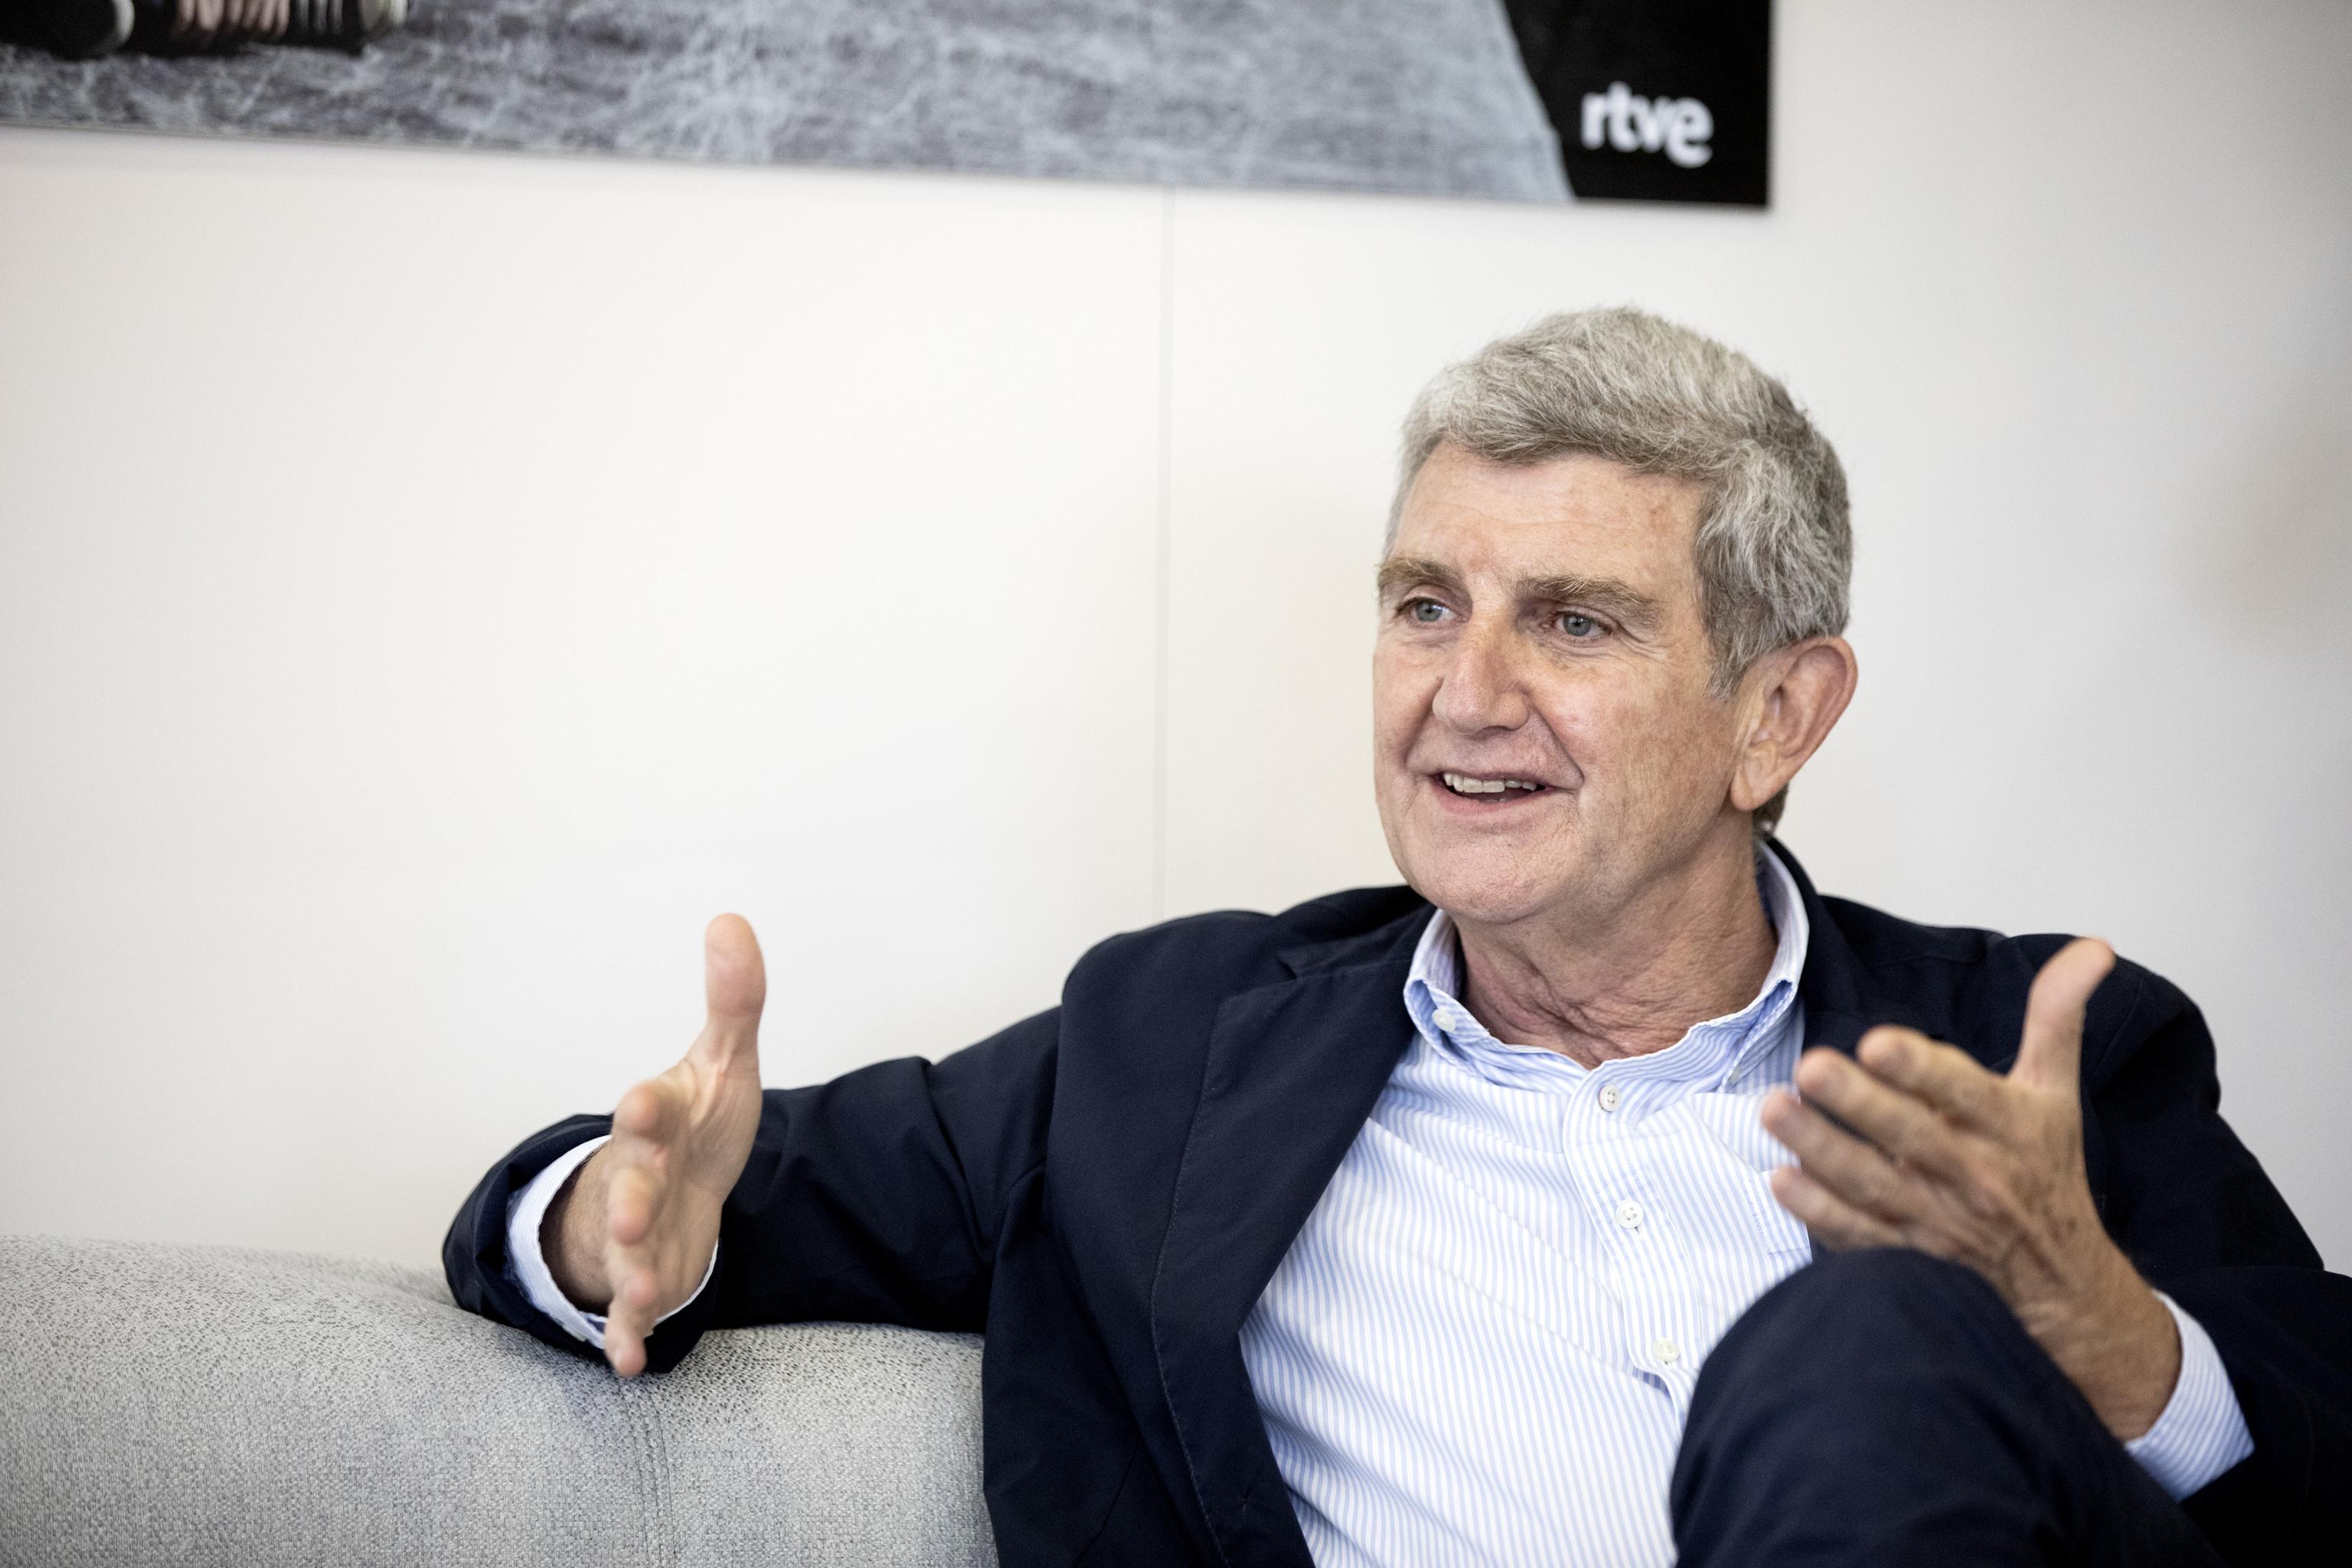 El presidente de la corporacion RTVE Jose Manuel Perez Tornero.